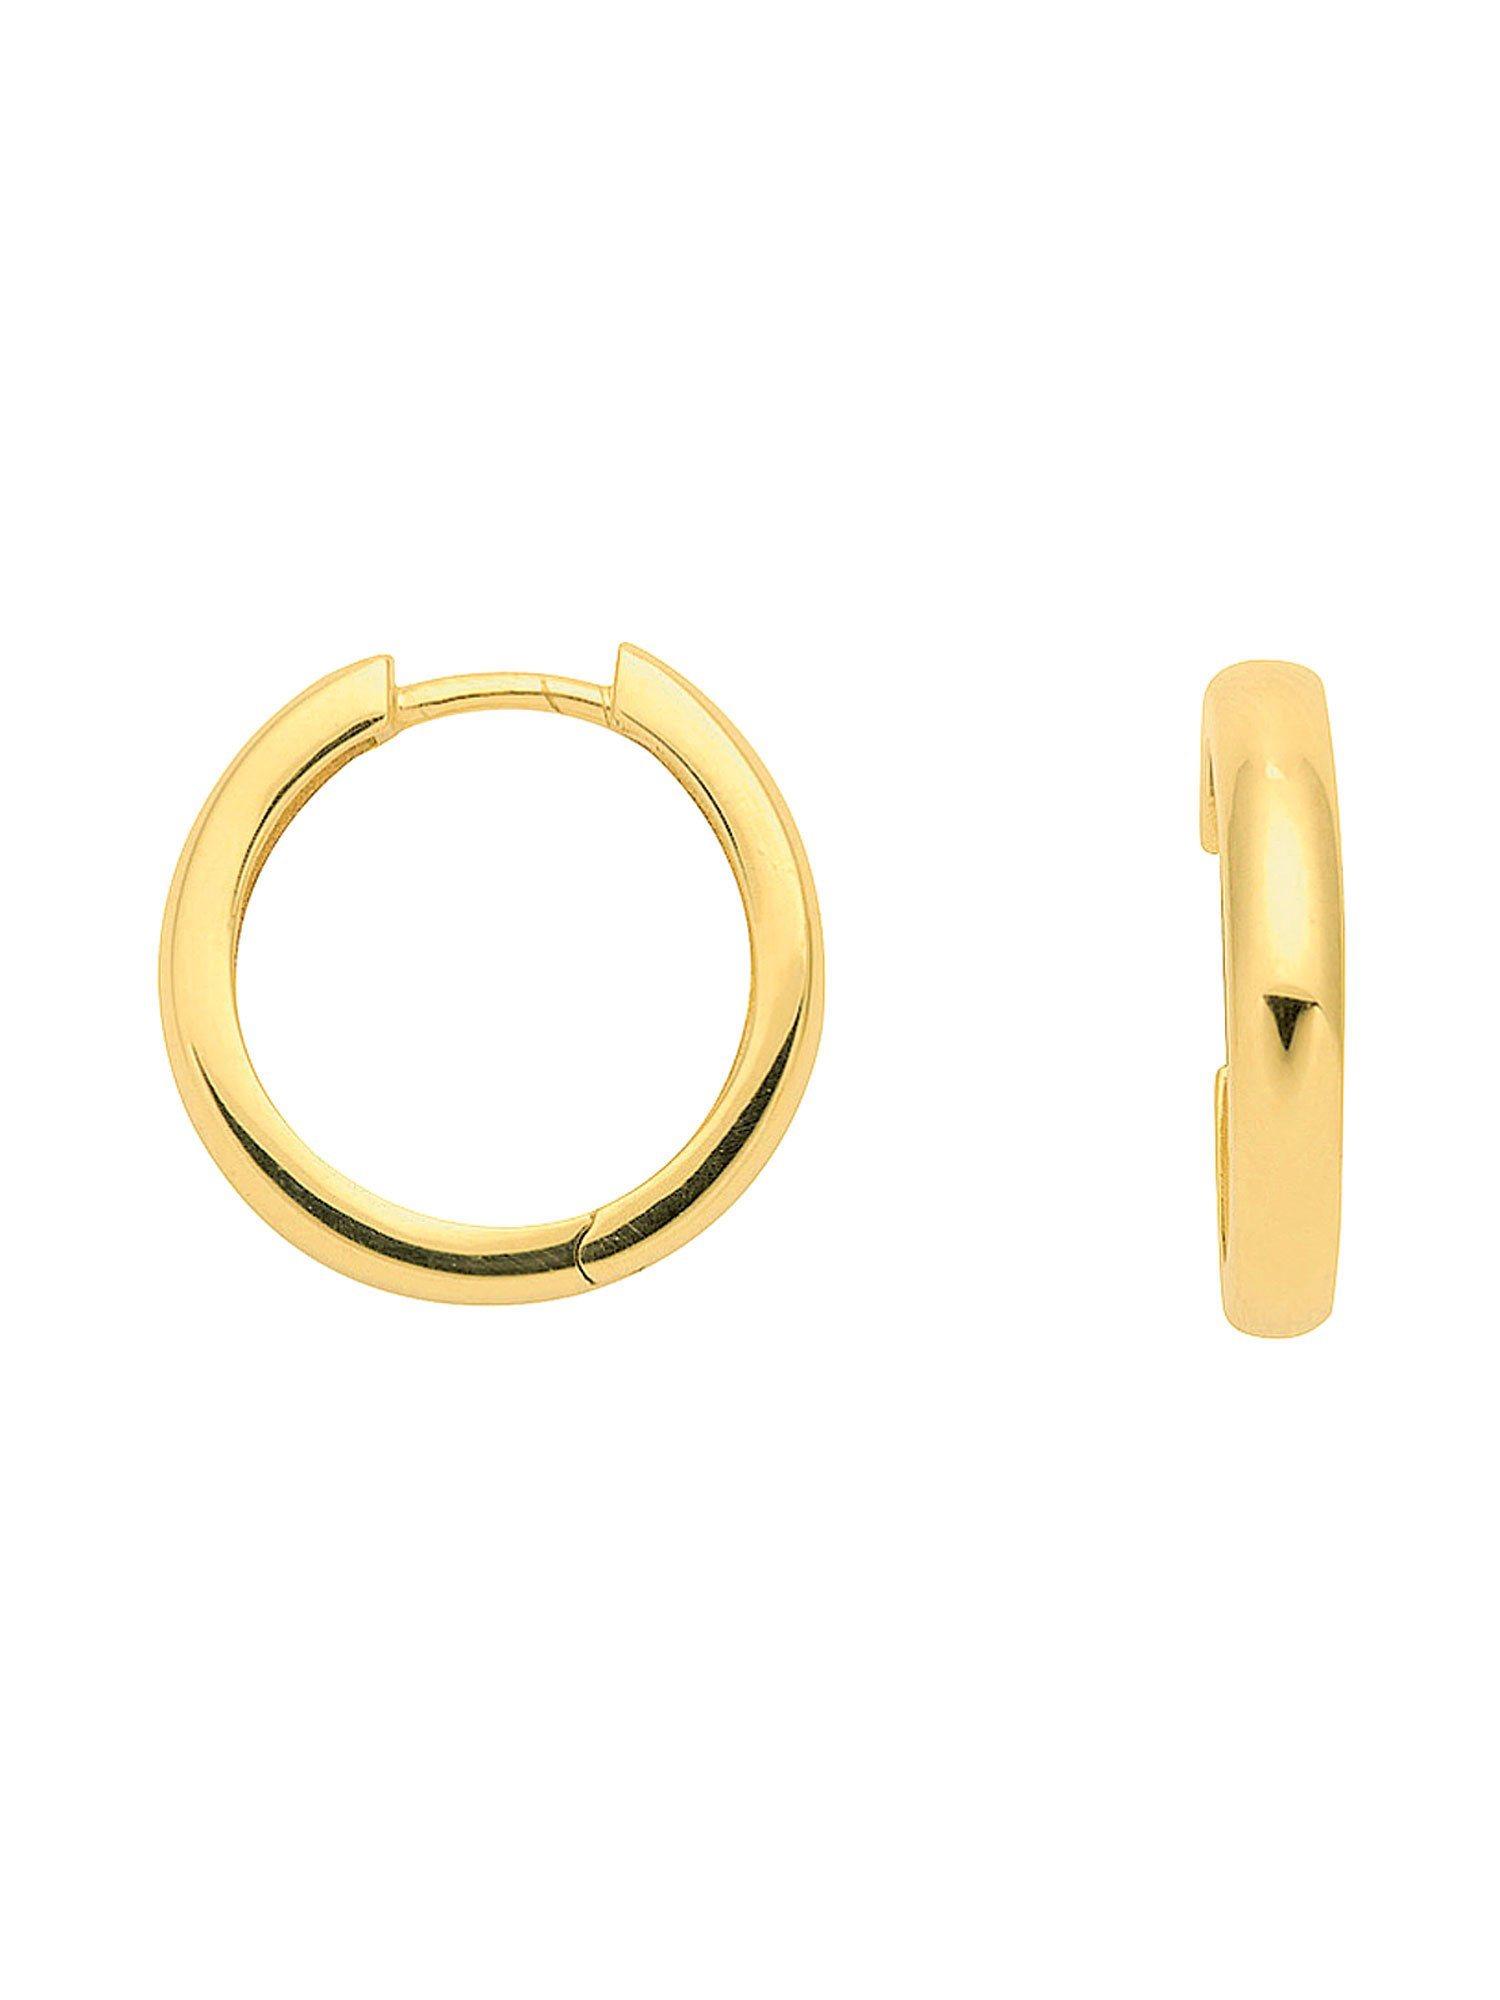 Adelia´s Paar Creolen »Gold Ohrringe« 8 k 333 Gelbgold Ø 1.7 cm   Schmuck > Ohrschmuck & Ohrringe > Creolen   Adelia´s